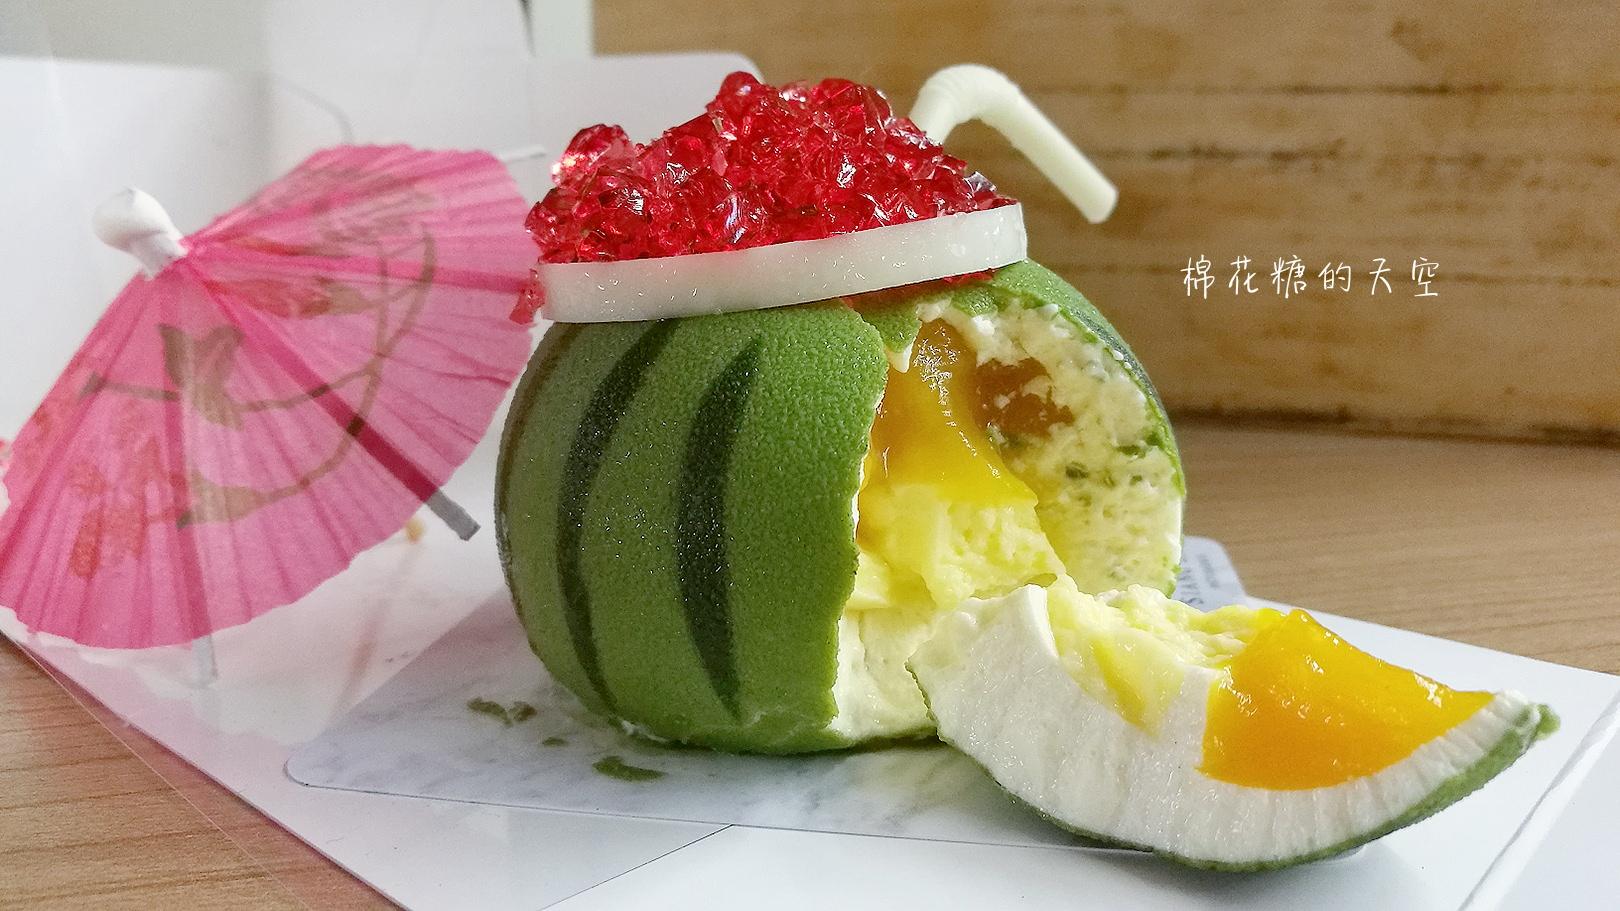 20180418222407 43 - 台中浮誇系甜點最新品-夏日西瓜,連吸管都可以吃喔!